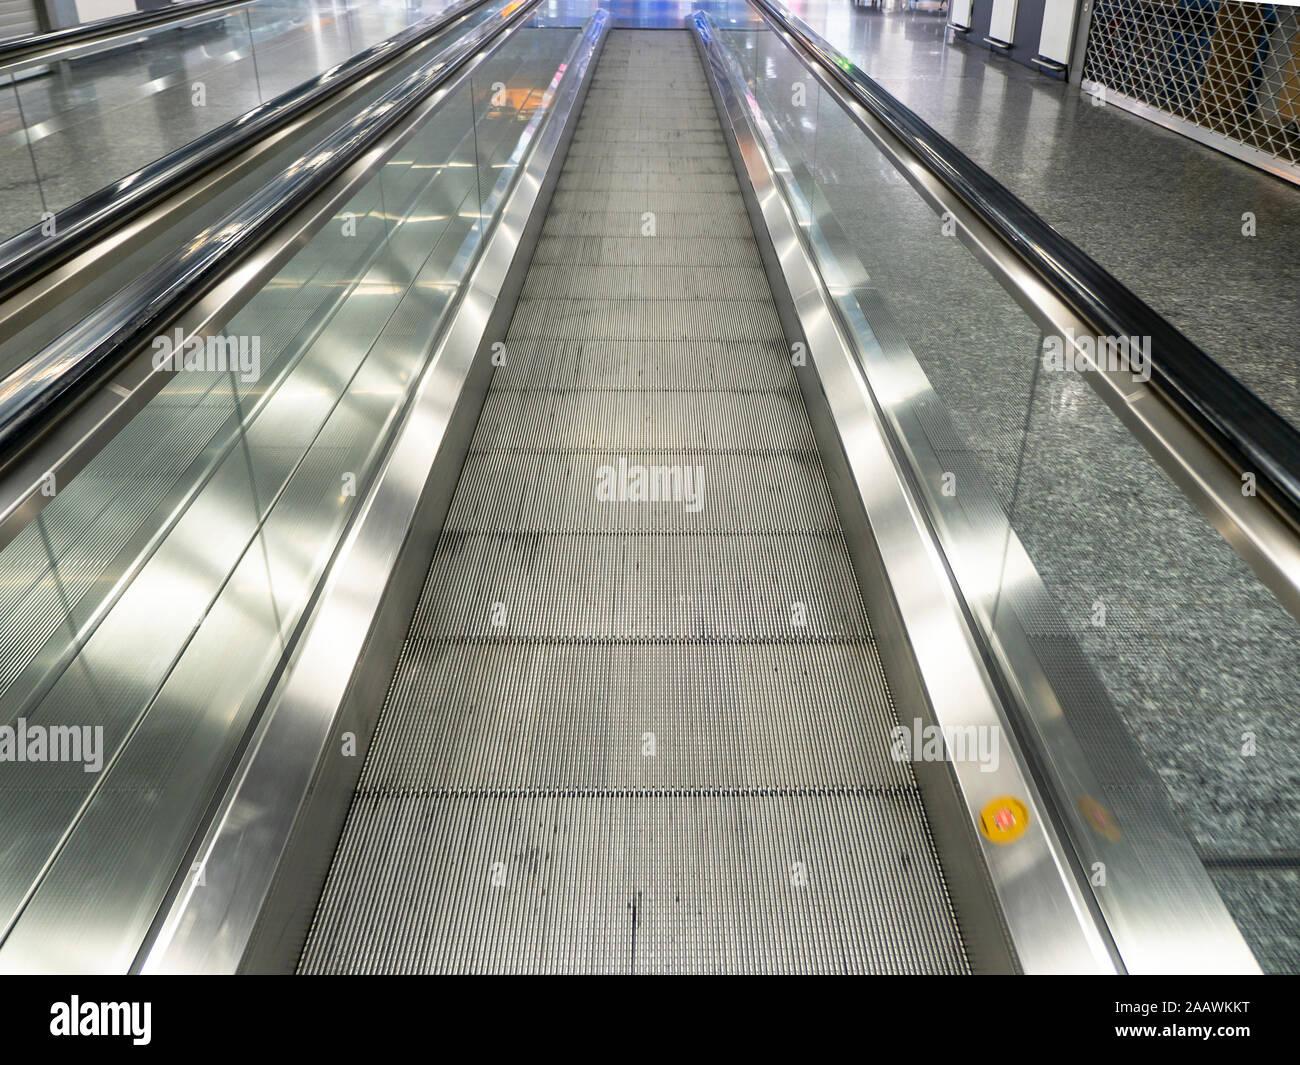 Perspectiva decreciente de andén móvil vacía en el aeropuerto Foto de stock